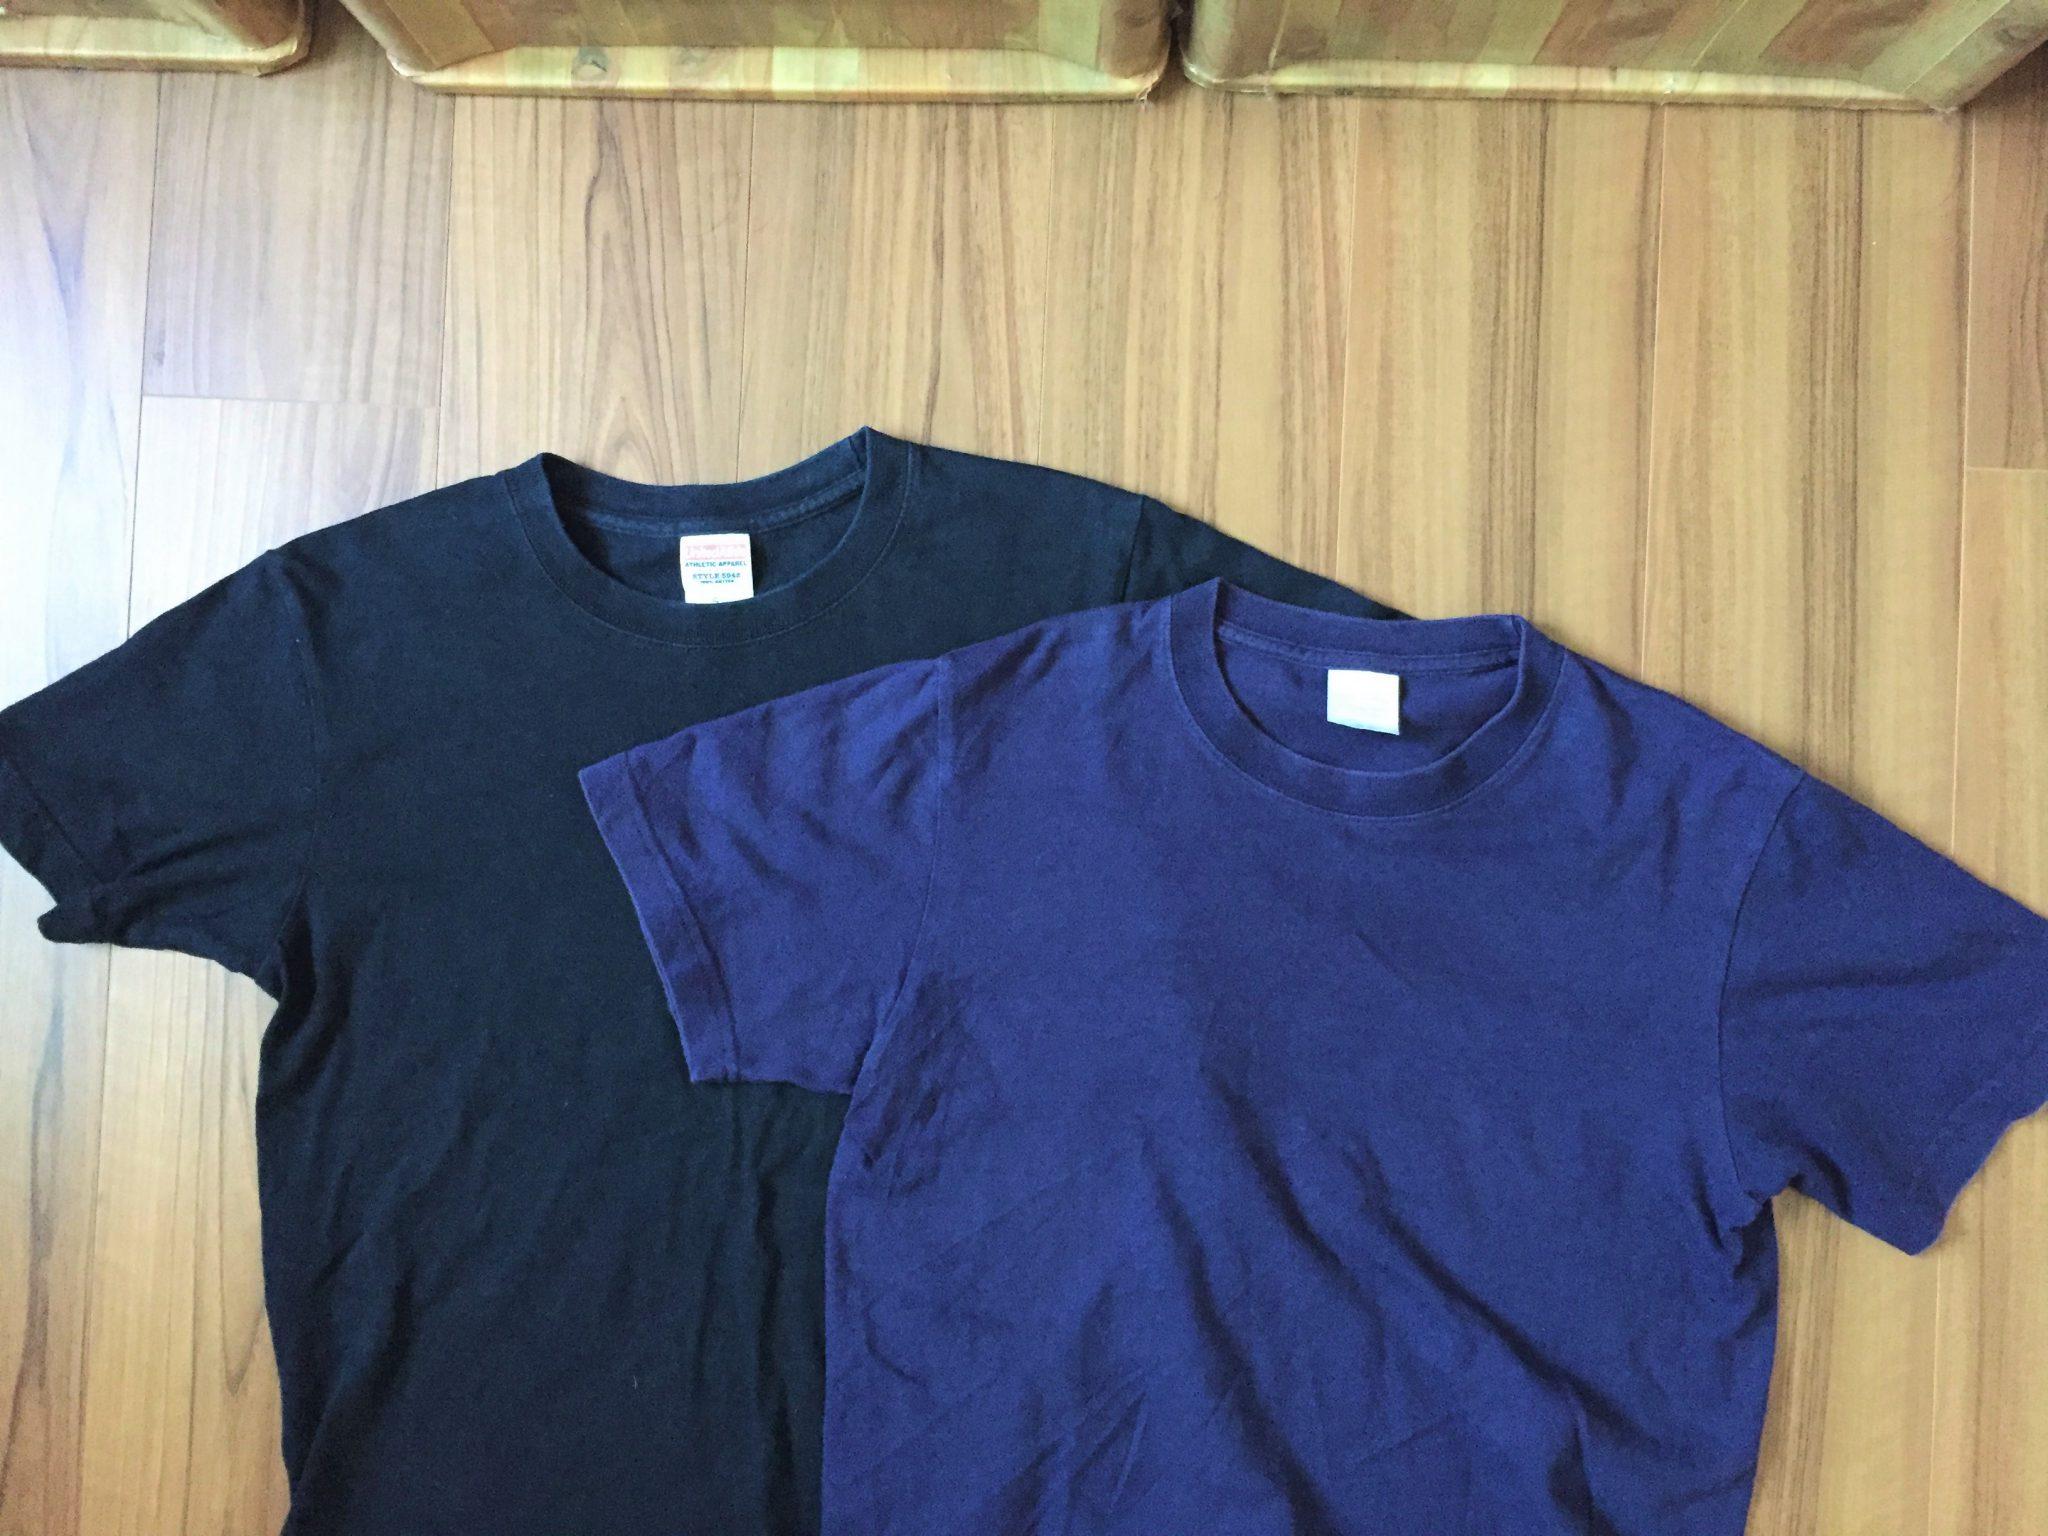 部屋着のTシャツで感じるエイジング(経年変化)の美しさ~5年モノのUnitedAthle(ユナイテッドアスレ)6.2oz Tシャツ